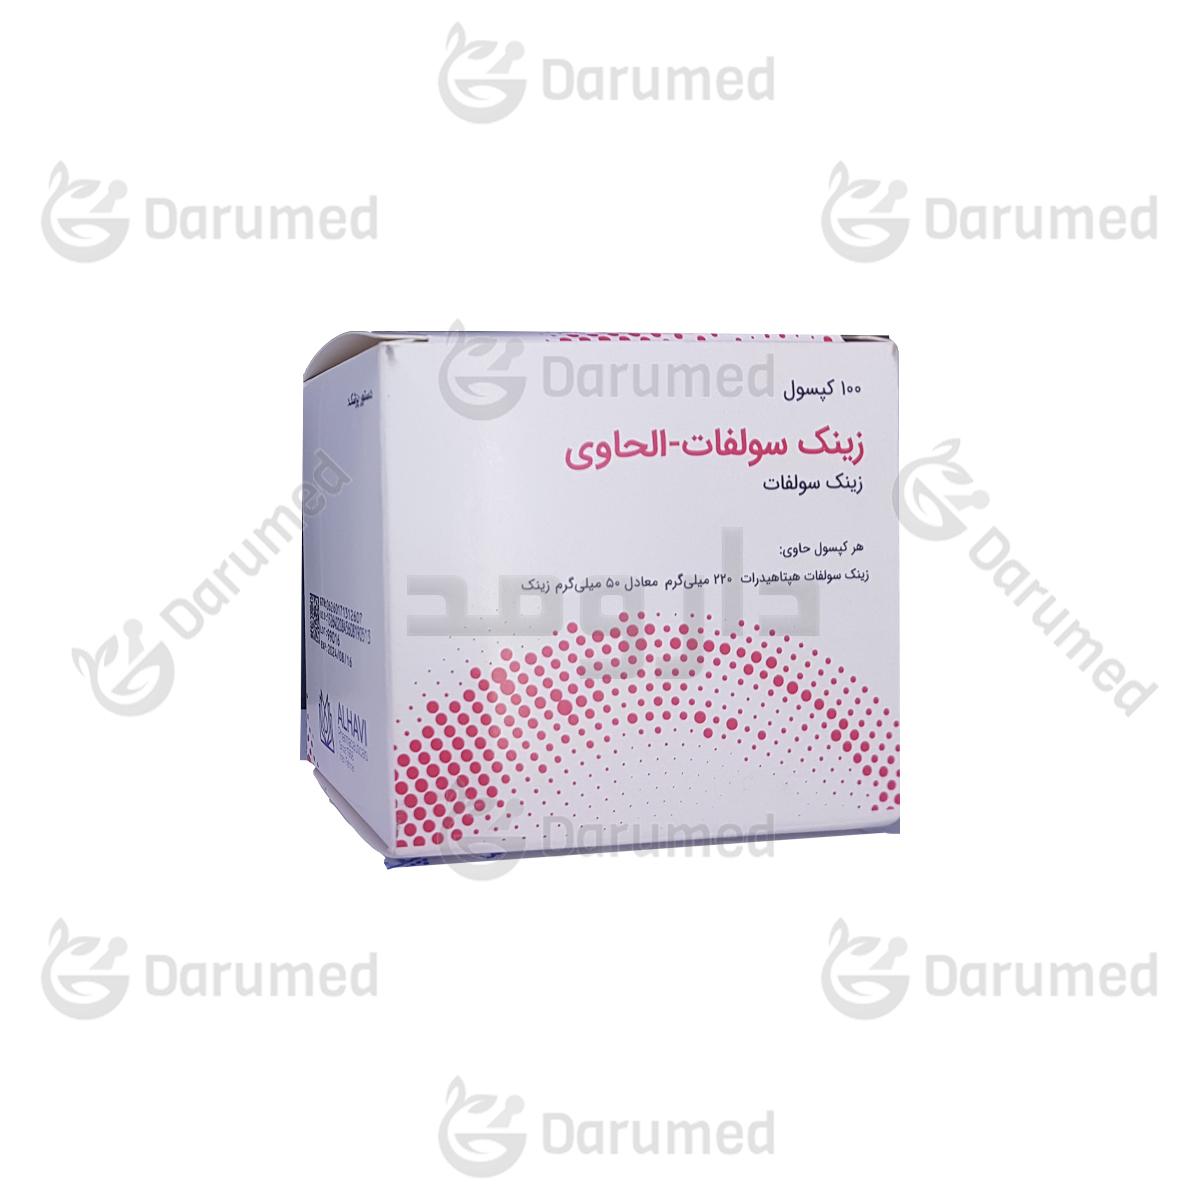 کپسول-زینک-سولفات-الحاوی-220